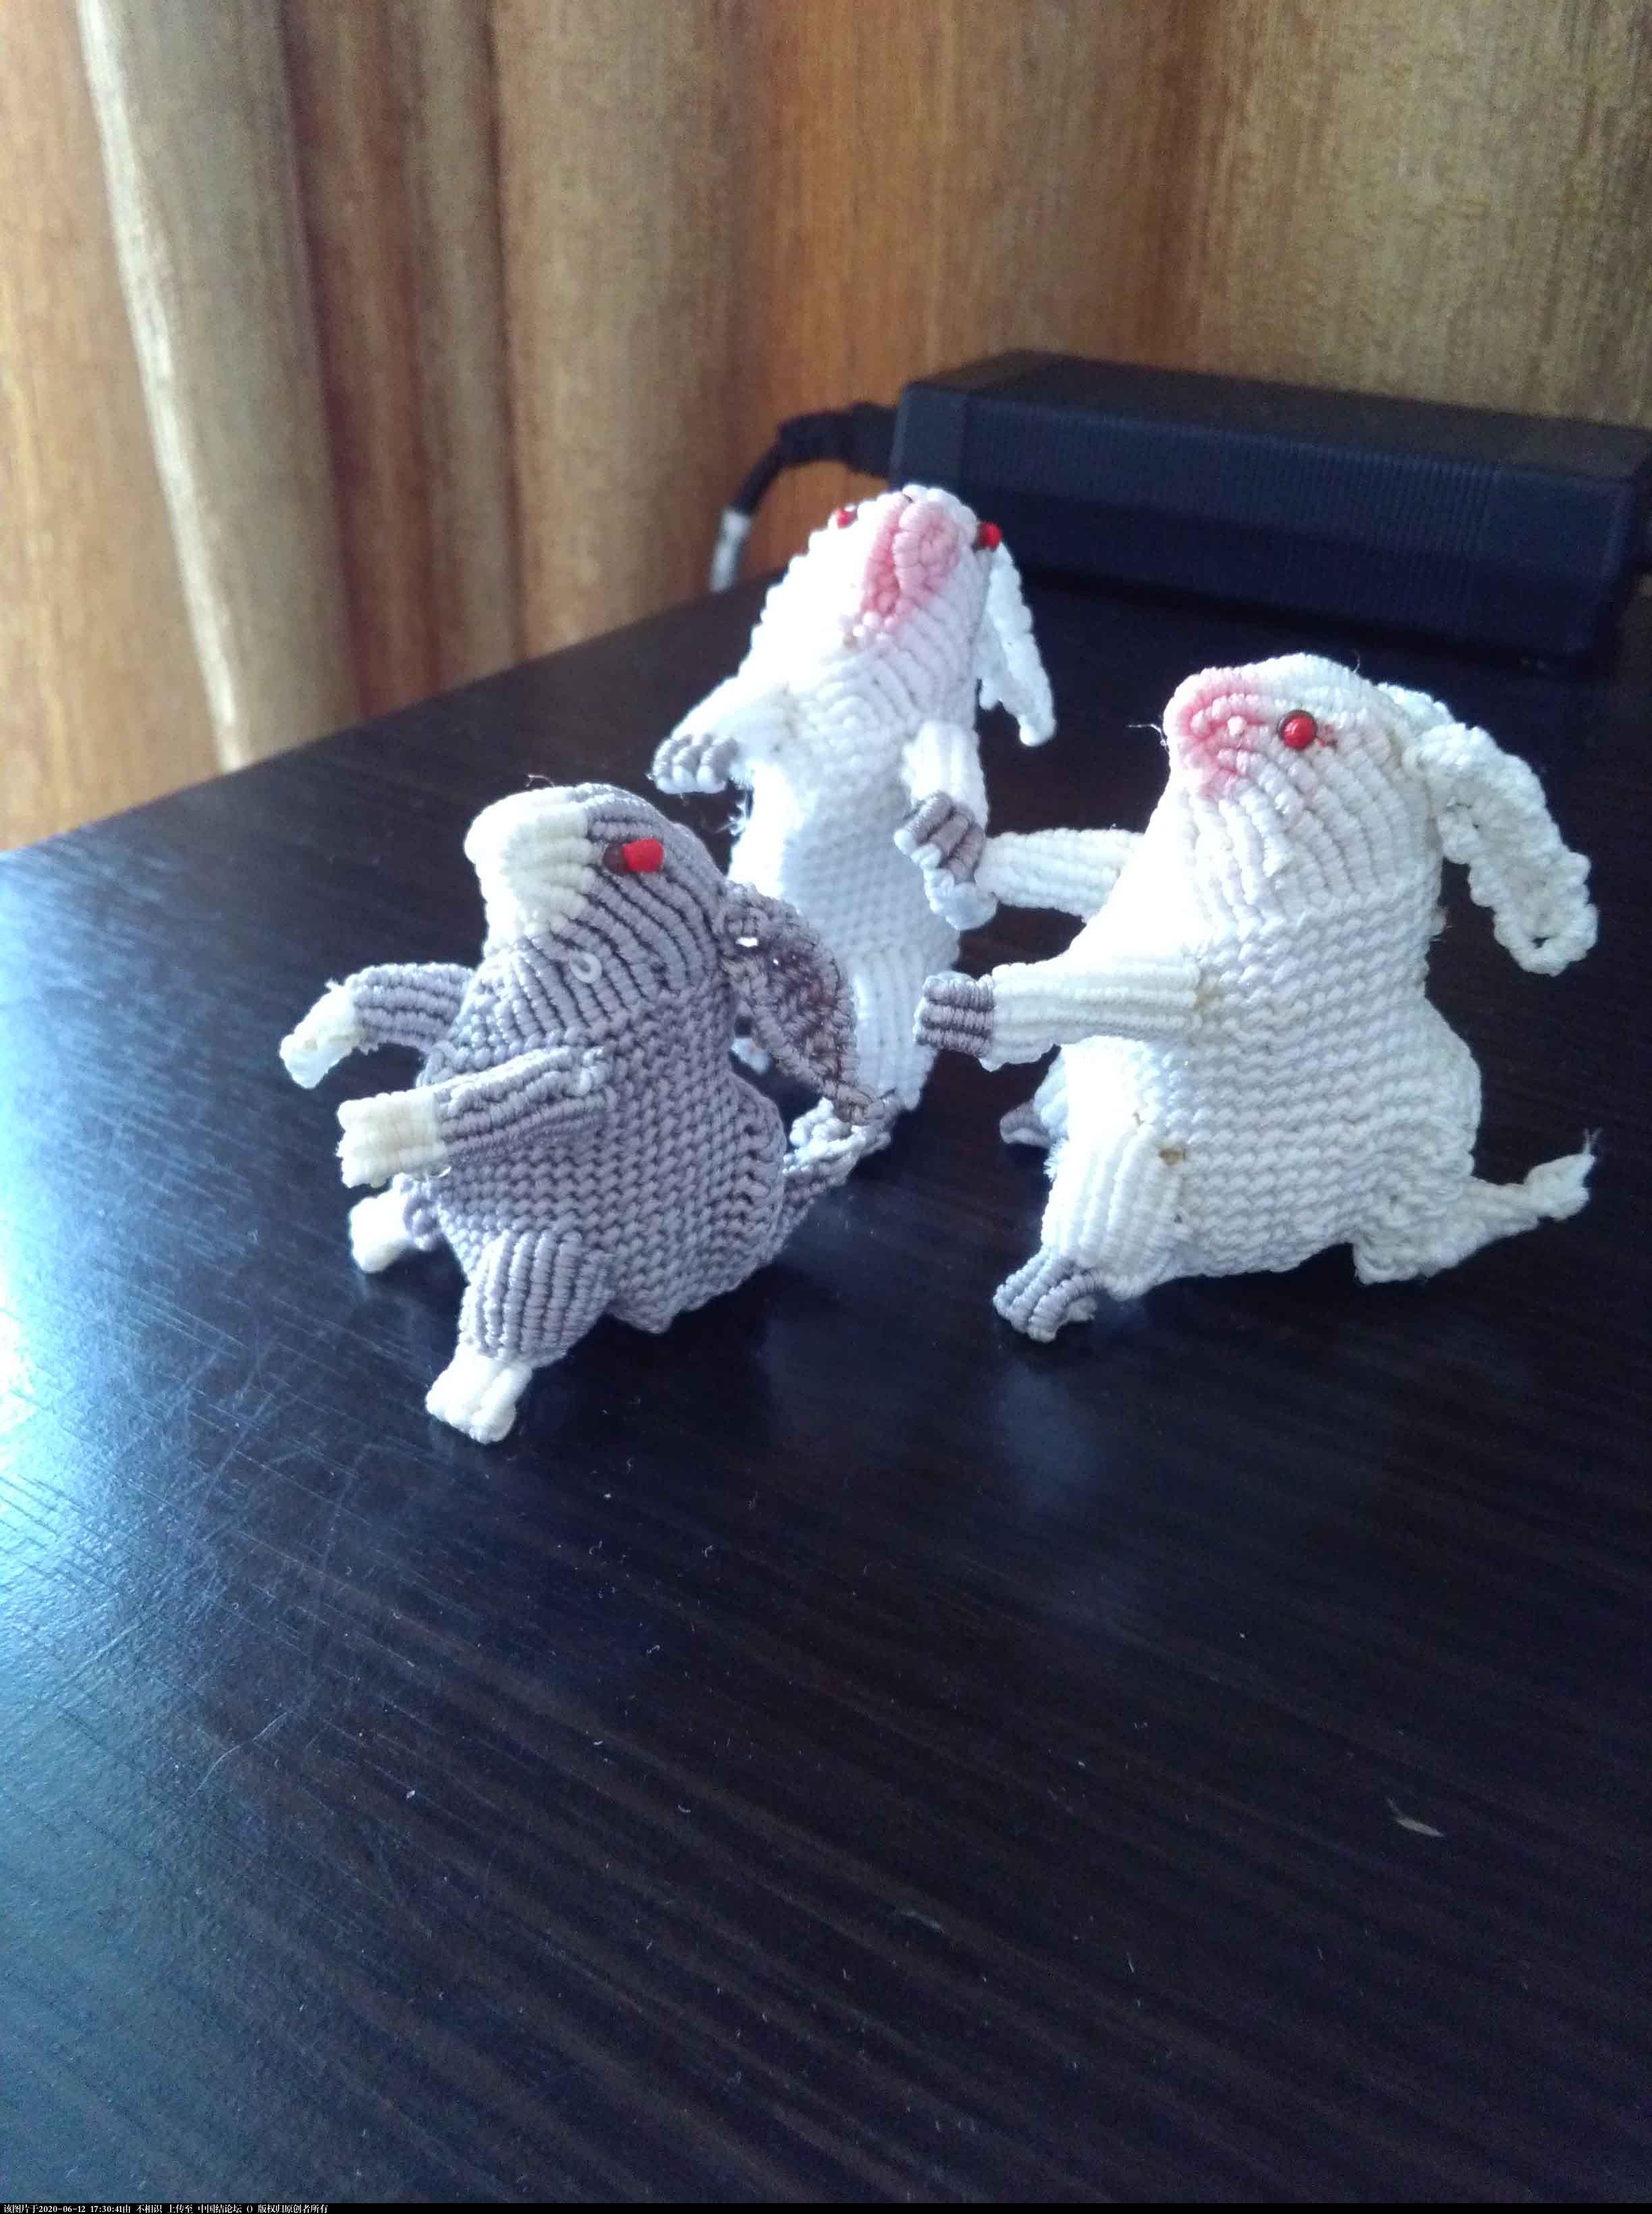 中国结论坛 兔子 为什么用兔子代表中国,老人都说兔子很邪门,兔子养大了好恶心,新手怎么养兔子,兔子其实很恐怖 立体绳结教程与交流区 172445ox98dzz84vd14d9d